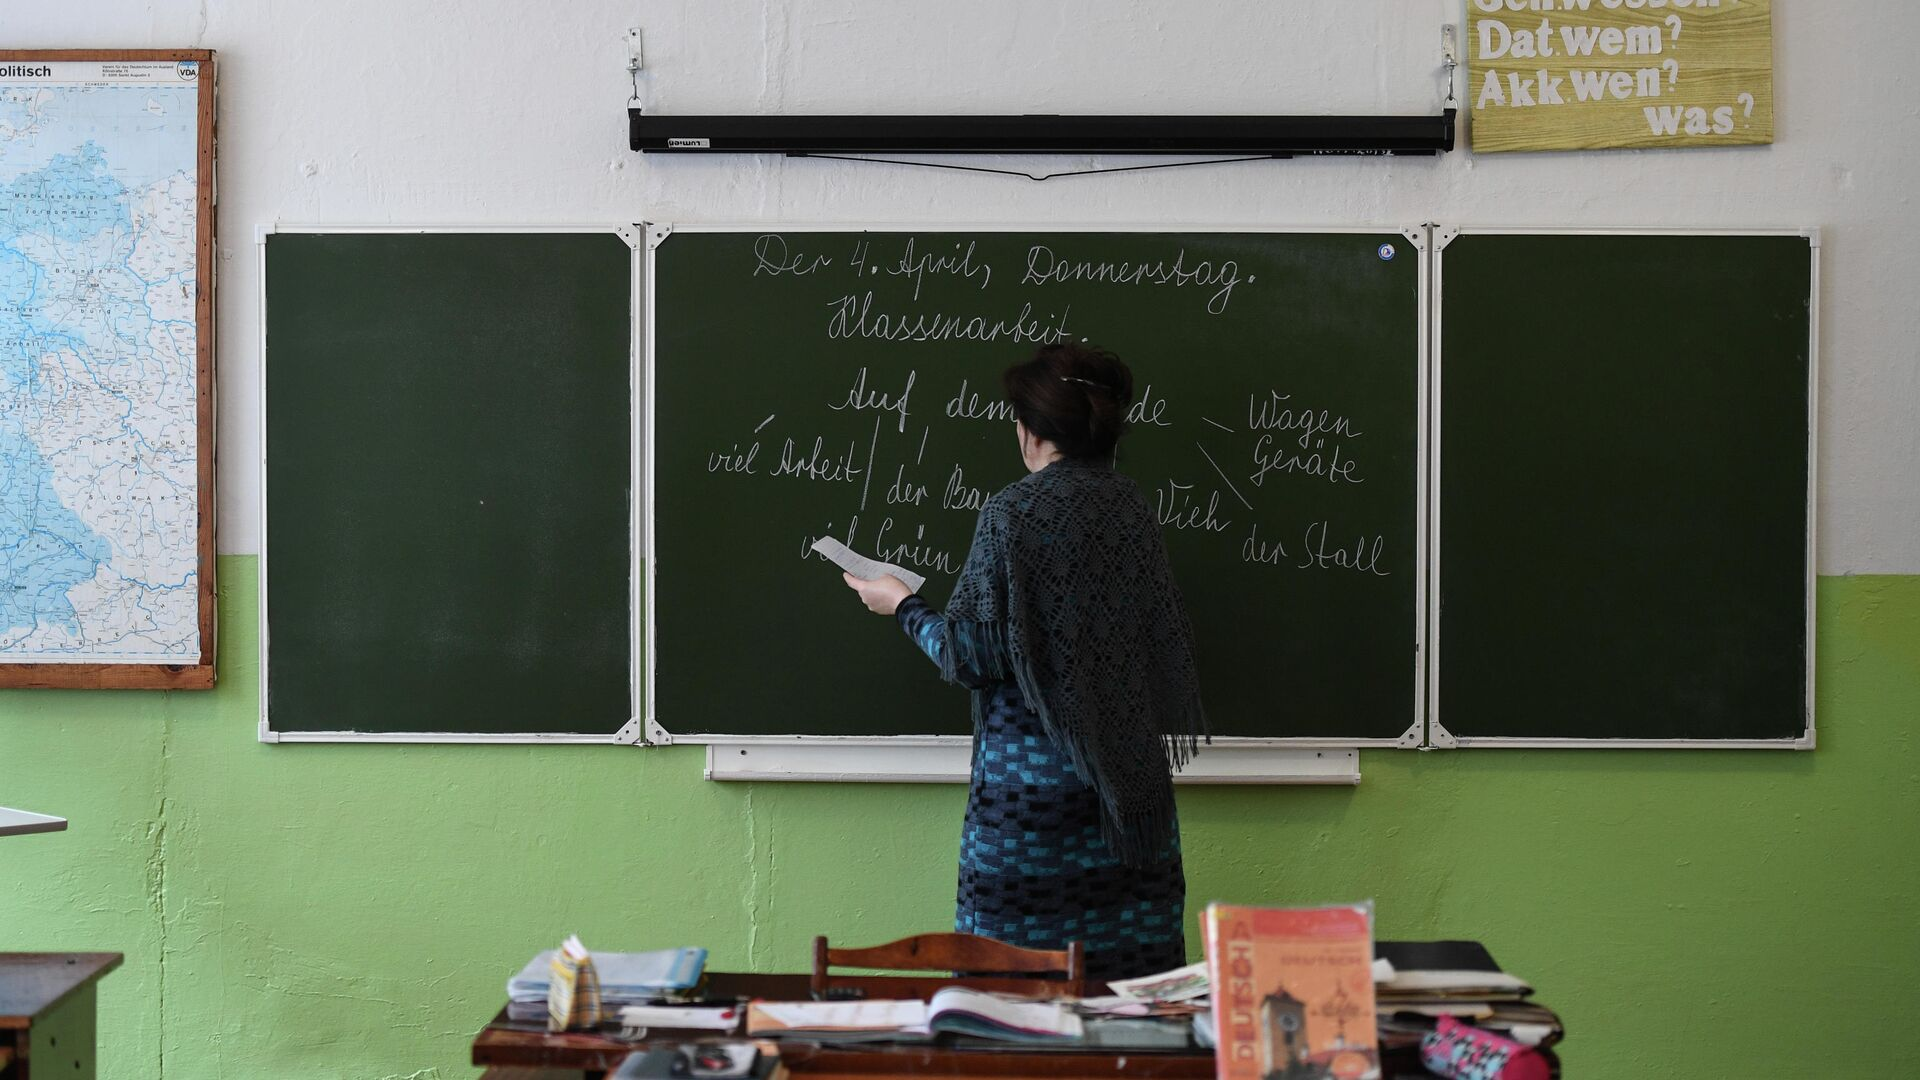 Урок немецкого языка в школе в деревне Аполлоновка - РИА Новости, 1920, 16.09.2020